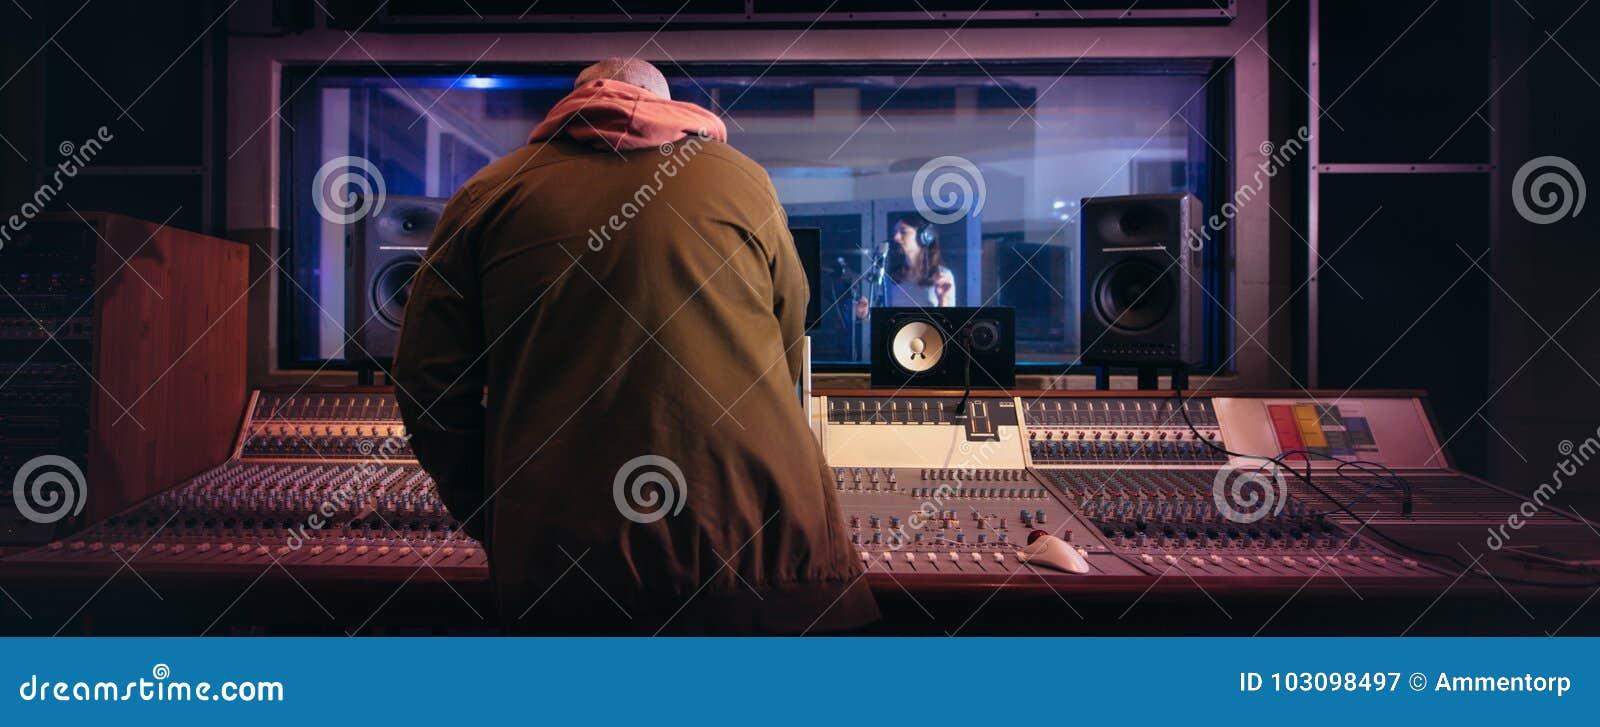 Musicians producing music in professional recording studio